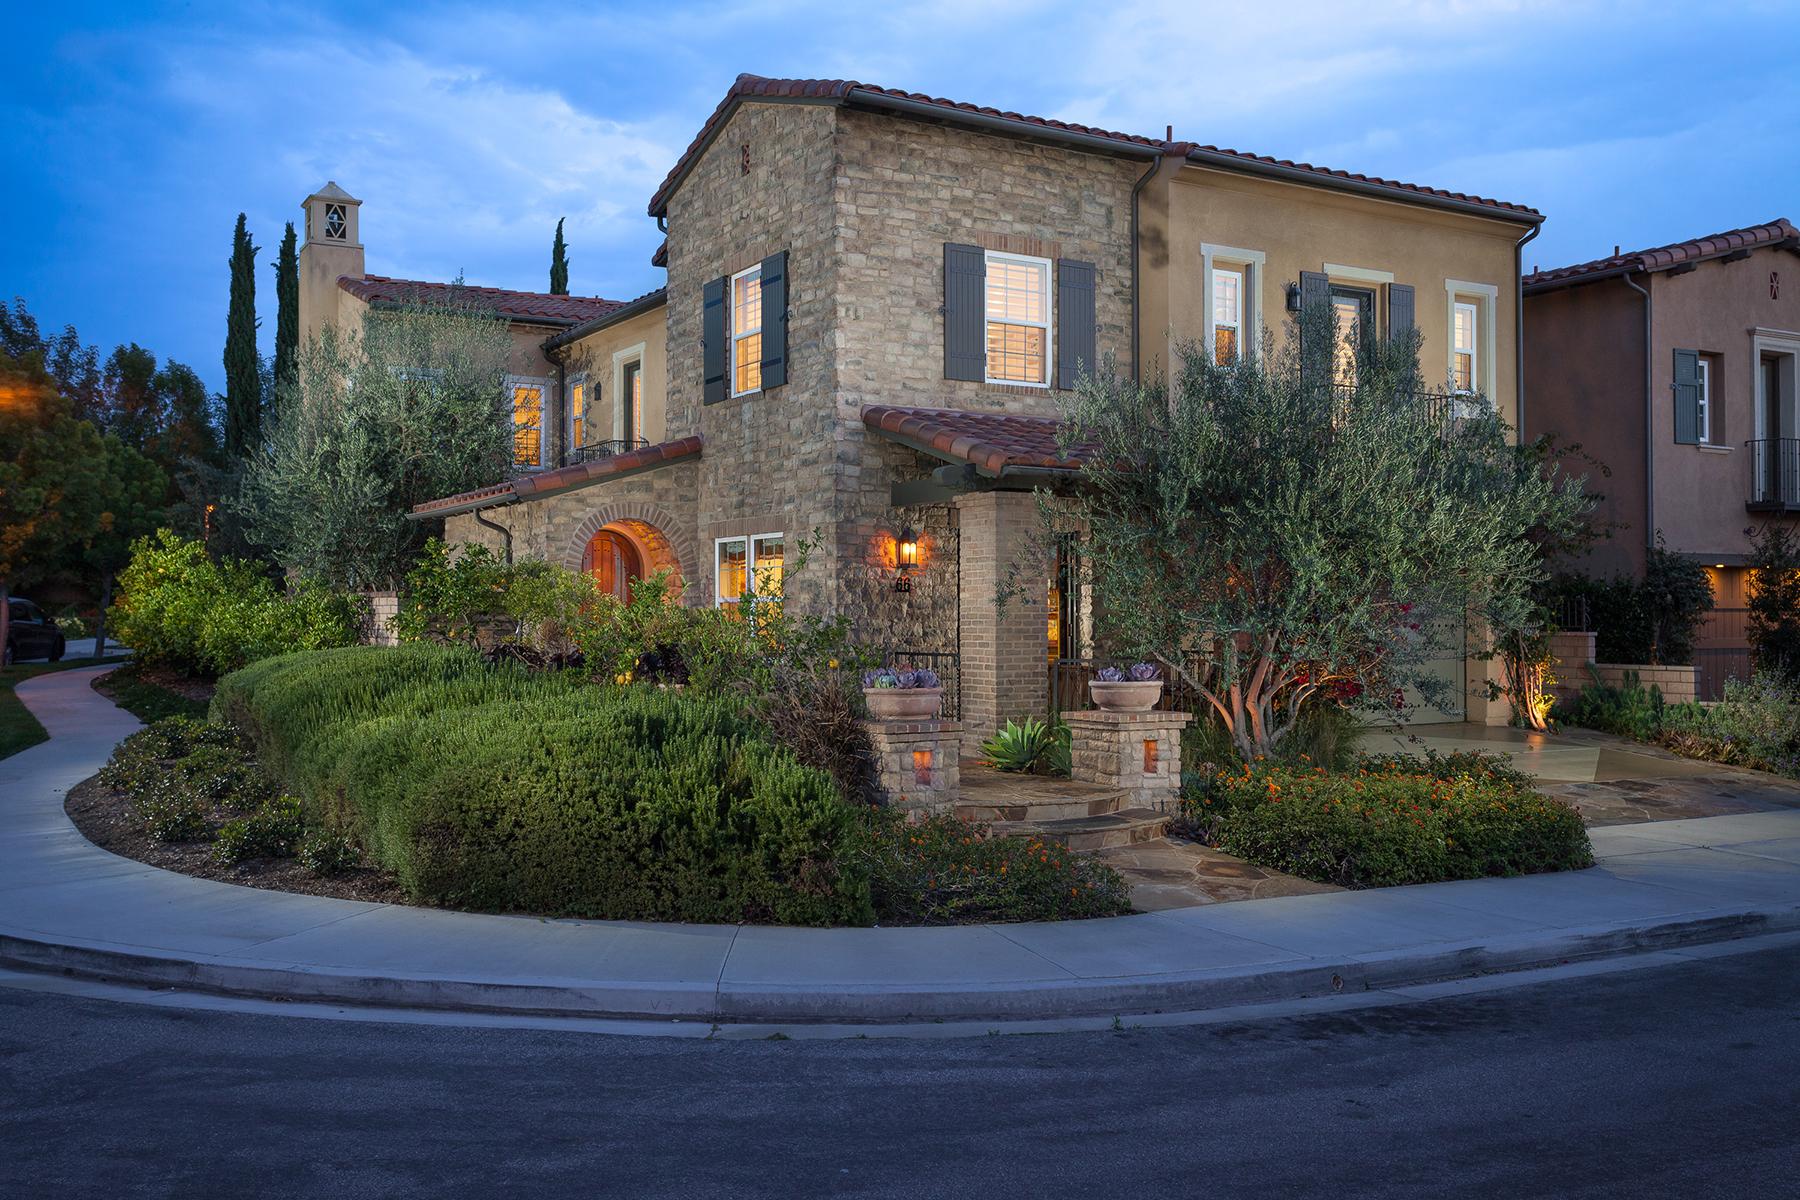 Частный односемейный дом для того Продажа на 66 Fanlight Irvine, Калифорния 92620 Соединенные Штаты